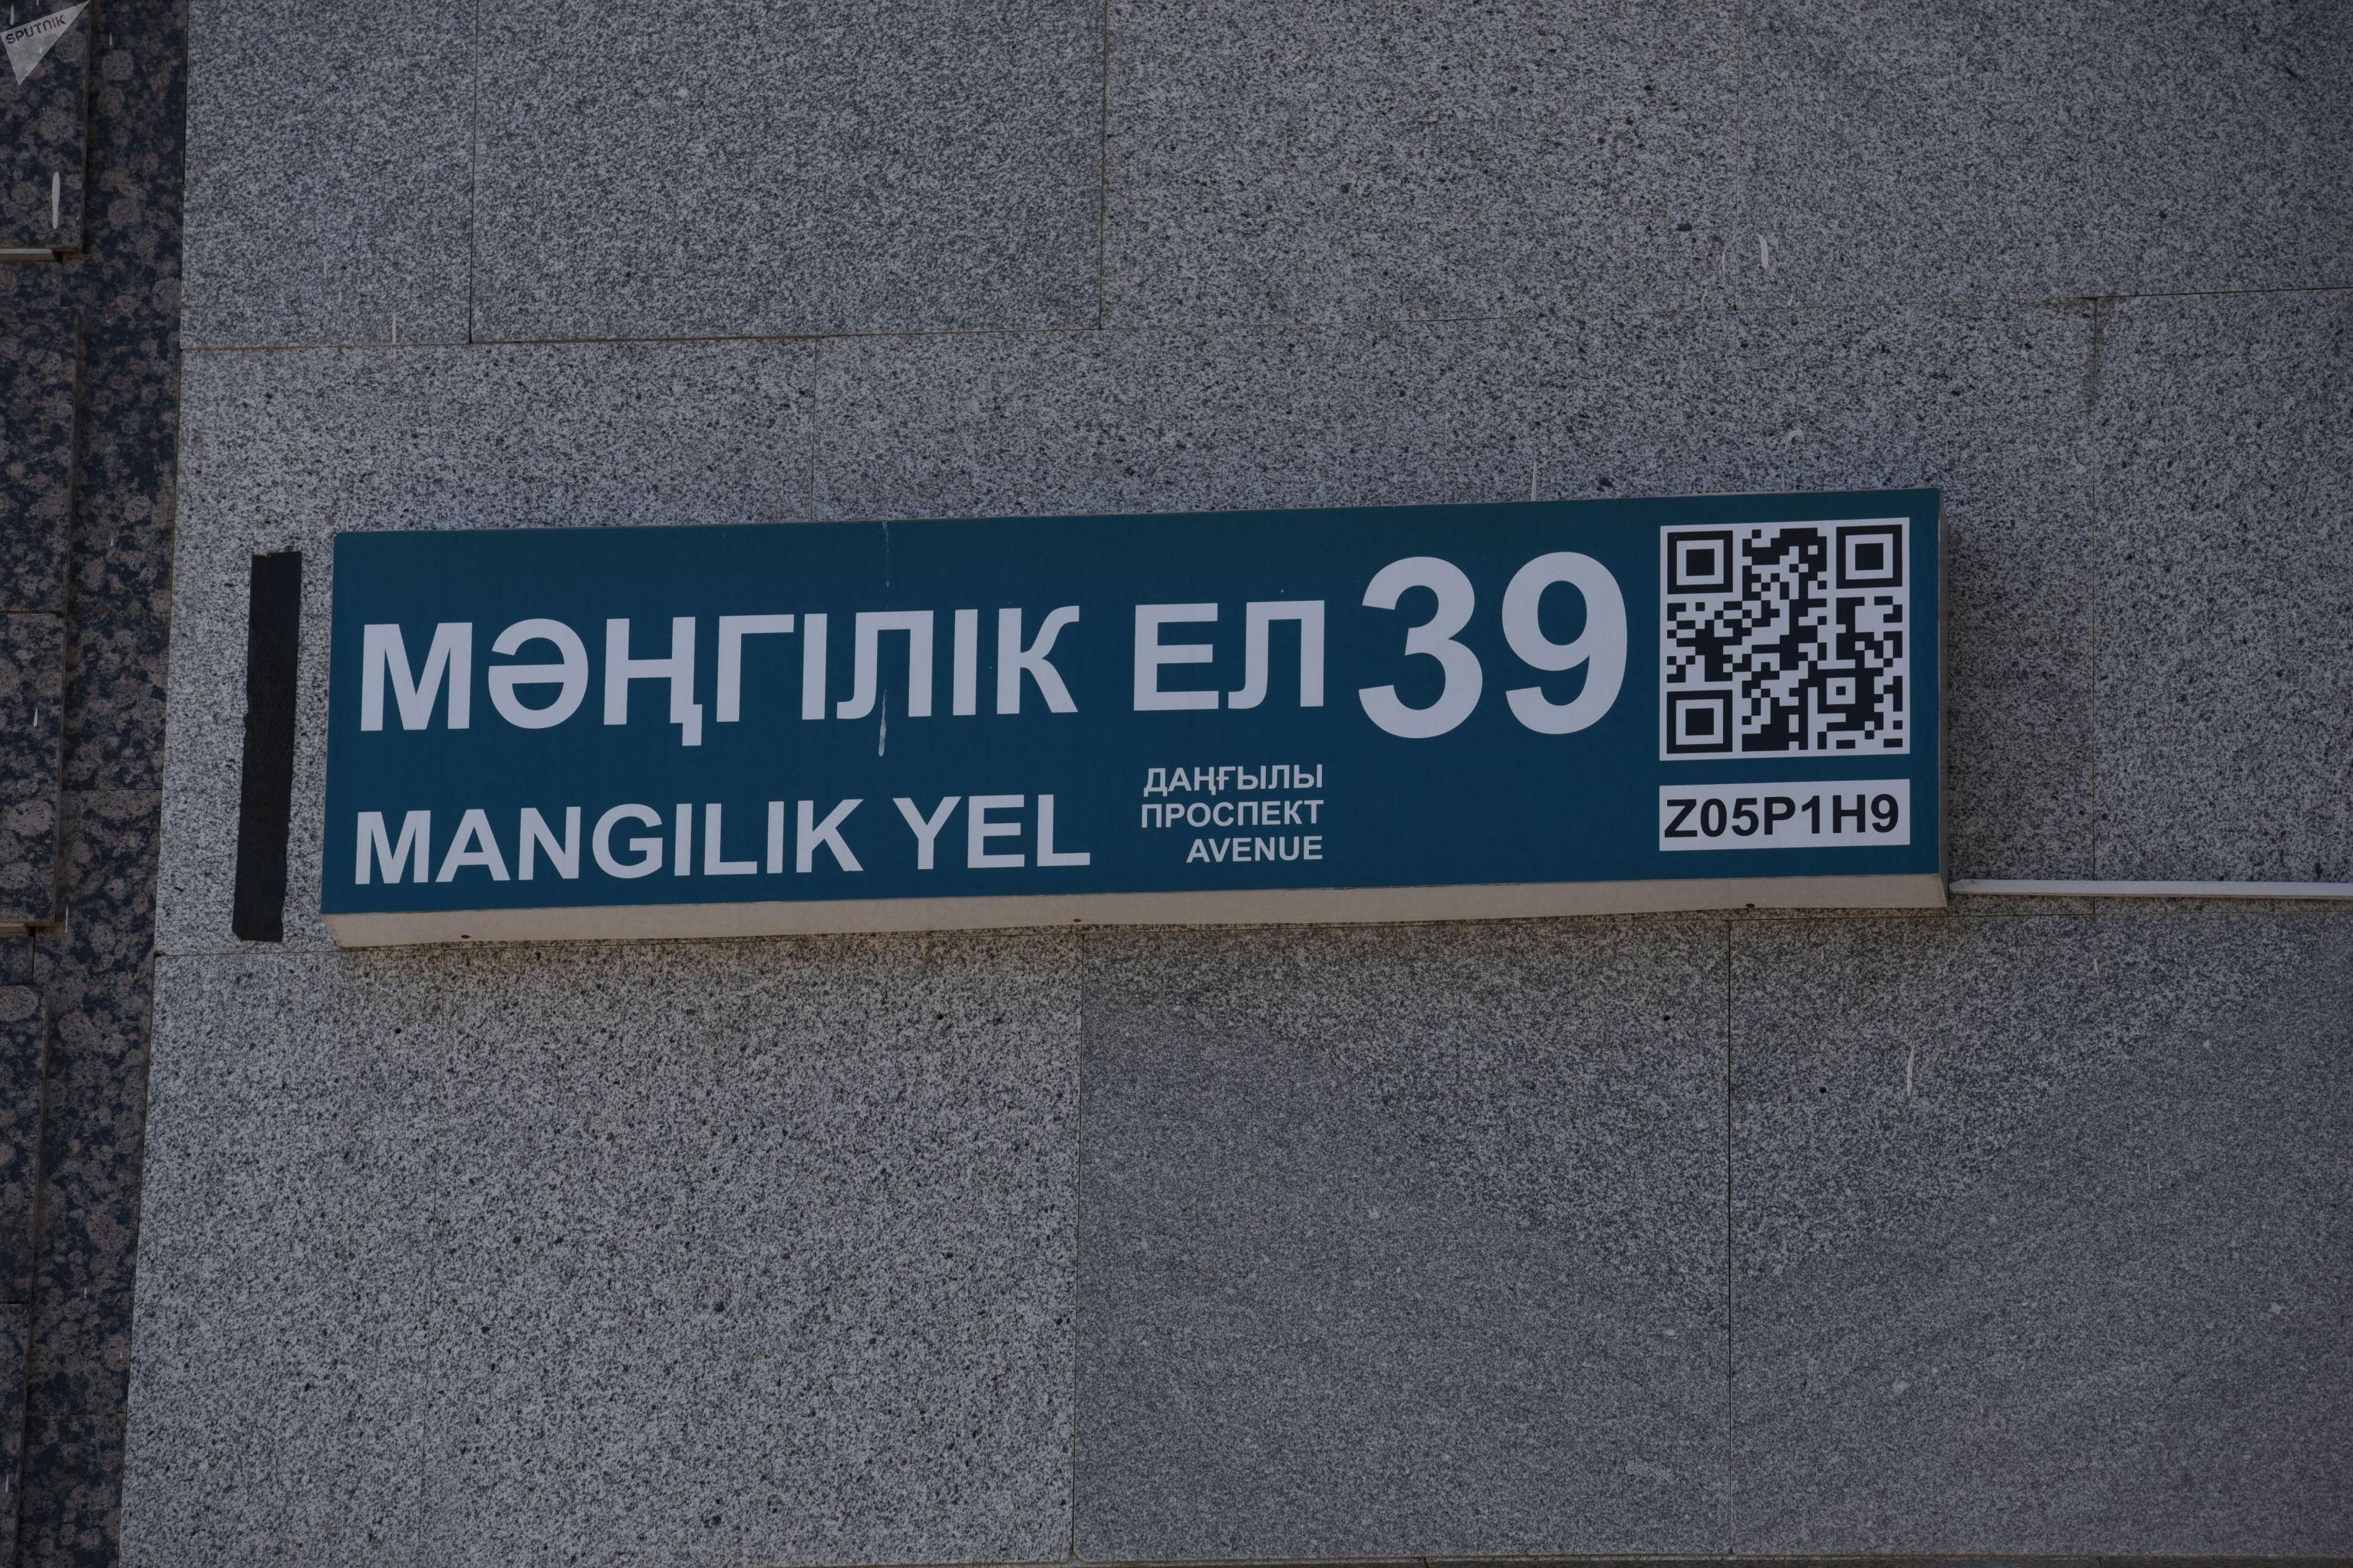 Вывеска с названием улицы в Нур-Султане на латинице